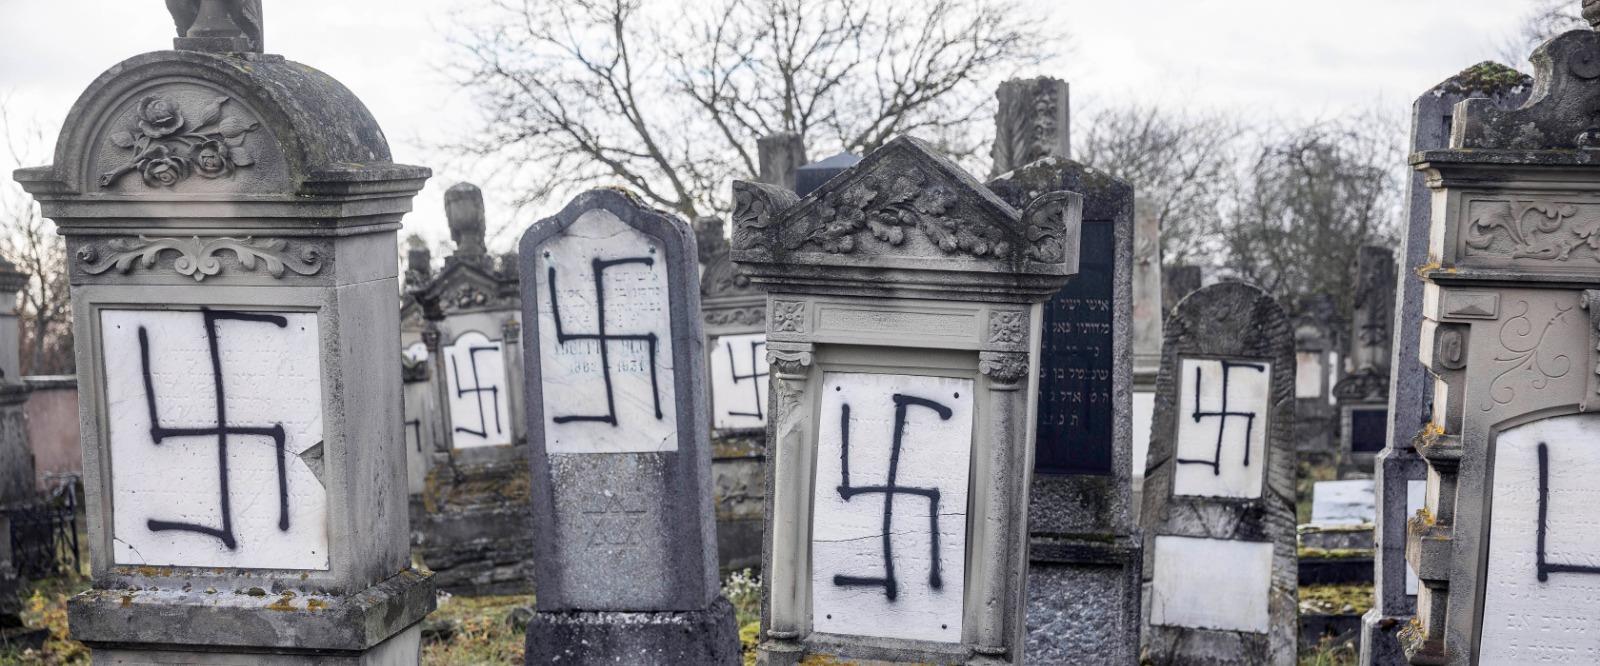 אנטישמיות, צלבי קרס בבית קברות יהודי בצרפת